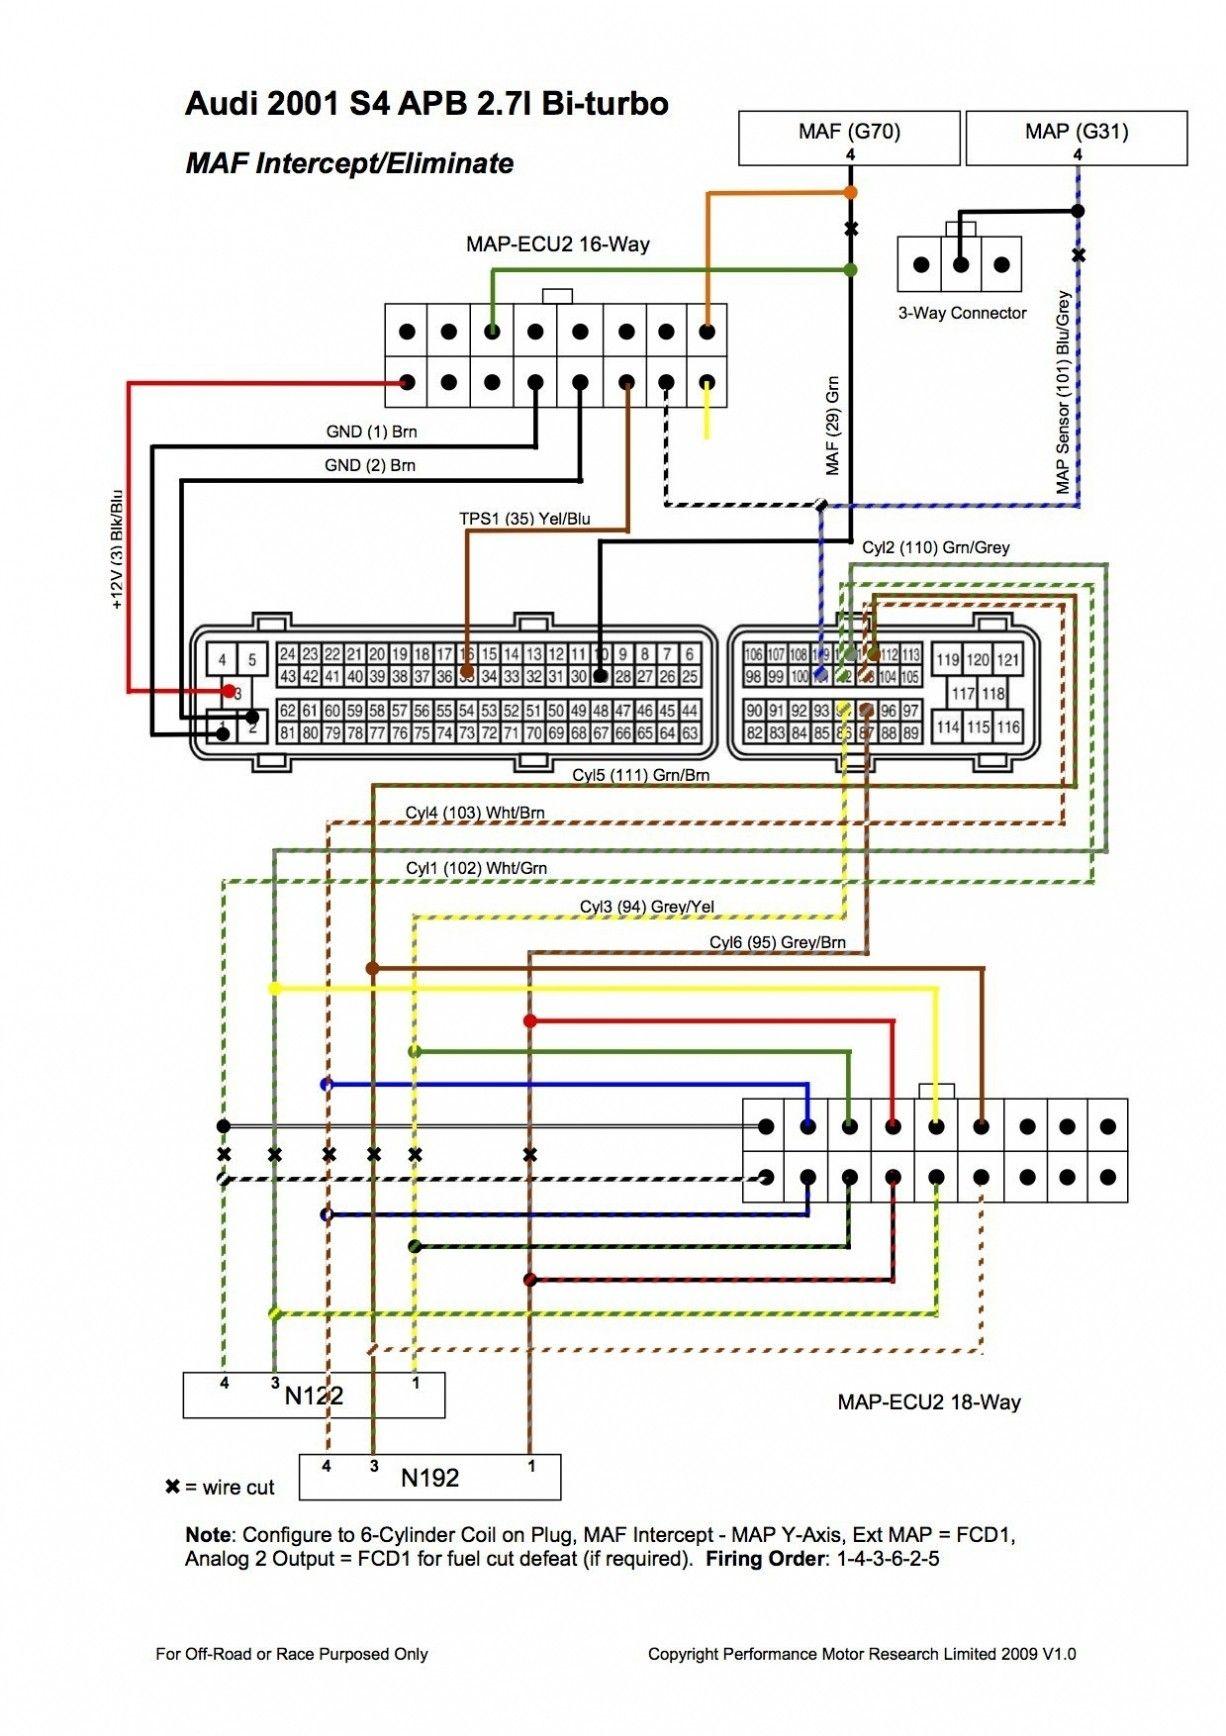 Wiring Diagram For Audi A4 Towbar Diagram Diagramtemplate Diagramsample Trailer Wiring Diagram Electrical Wiring Diagram Dodge Ram